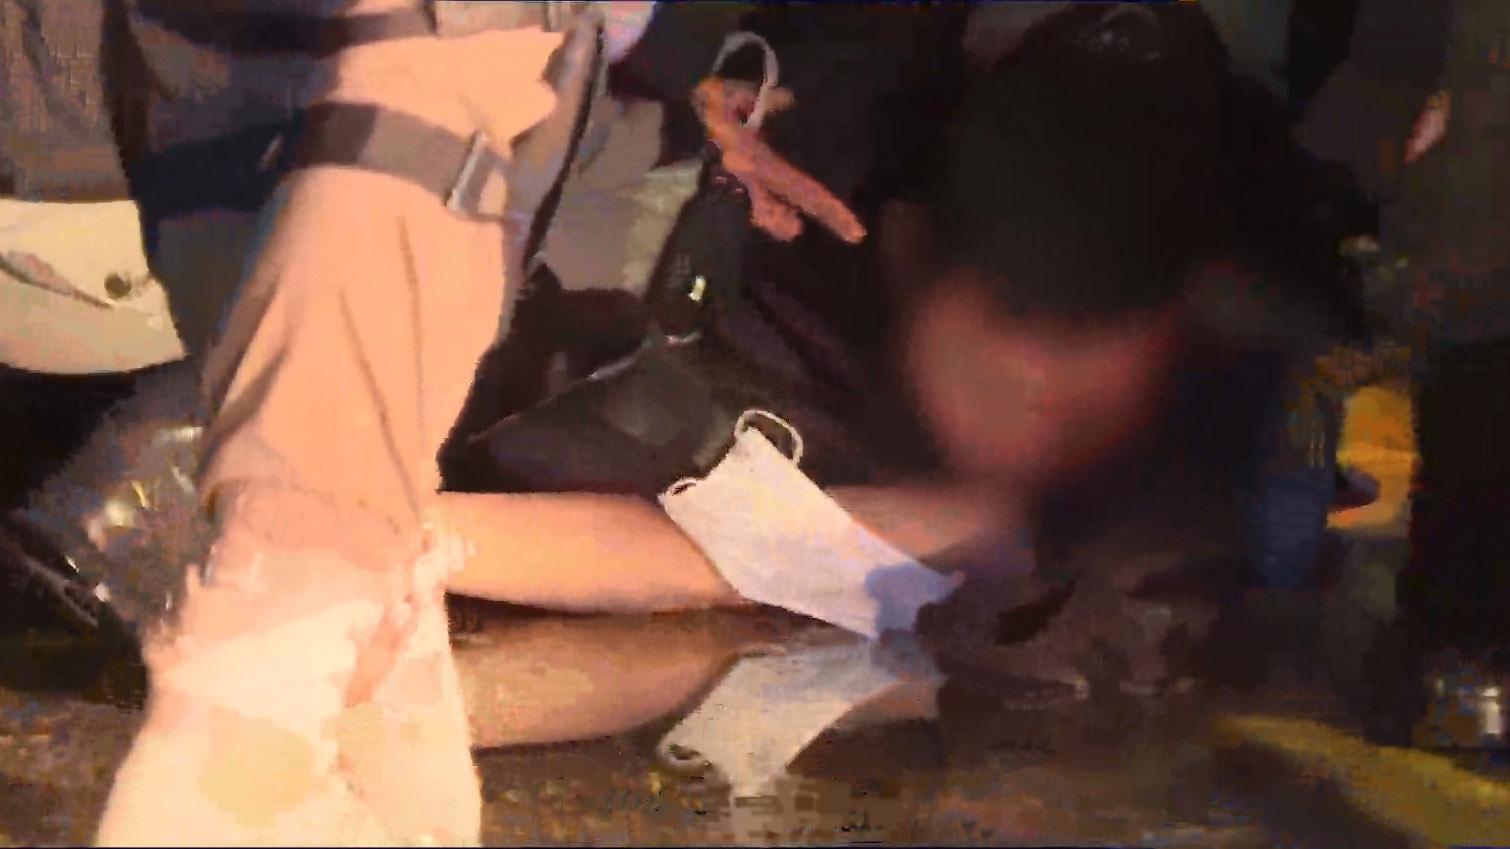 太子站831事件七個月有人以雜物堵路 警方制服多人